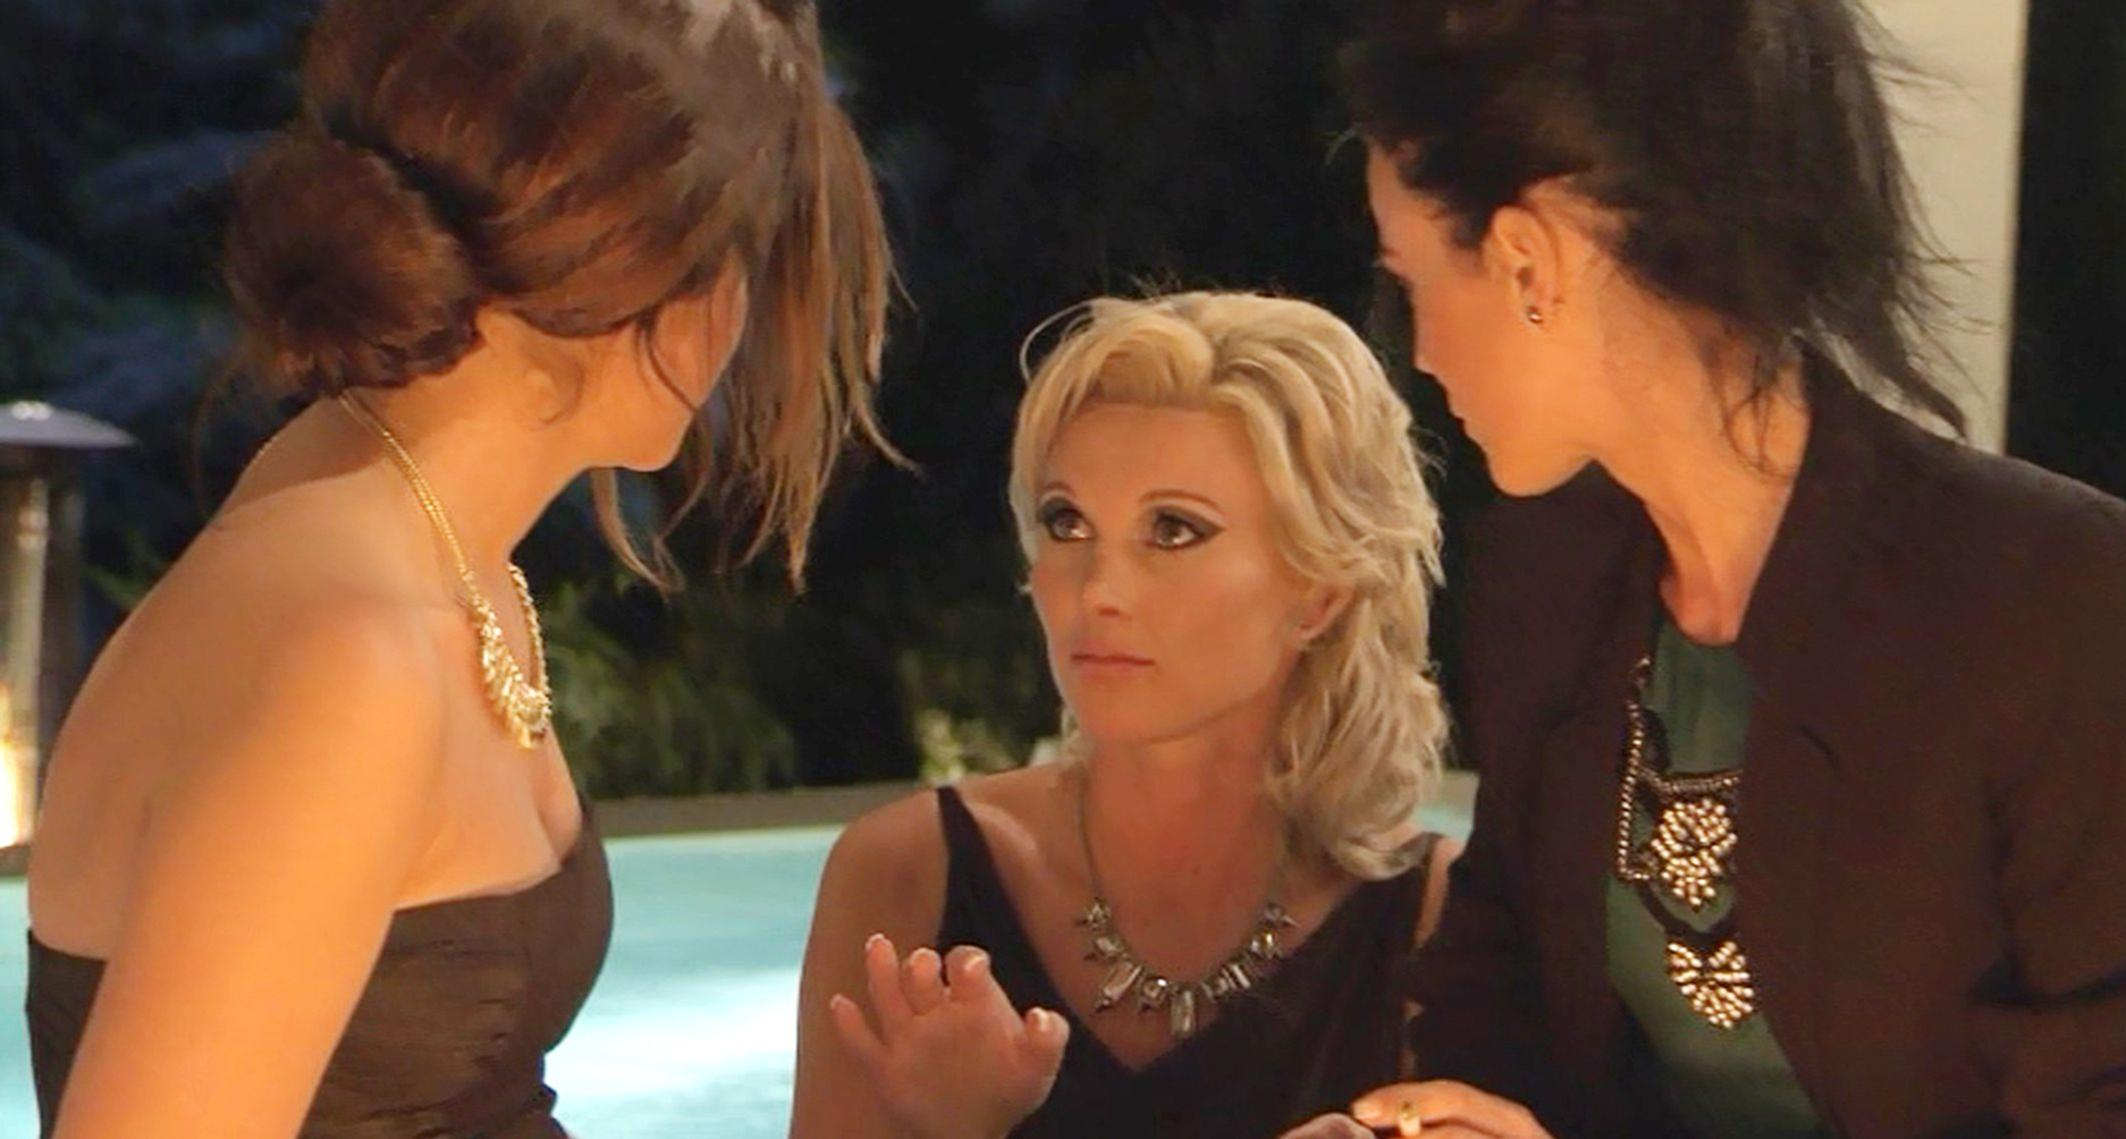 Der Bachelor 2014 - Folge 2 - Katja, Anne und Melanie